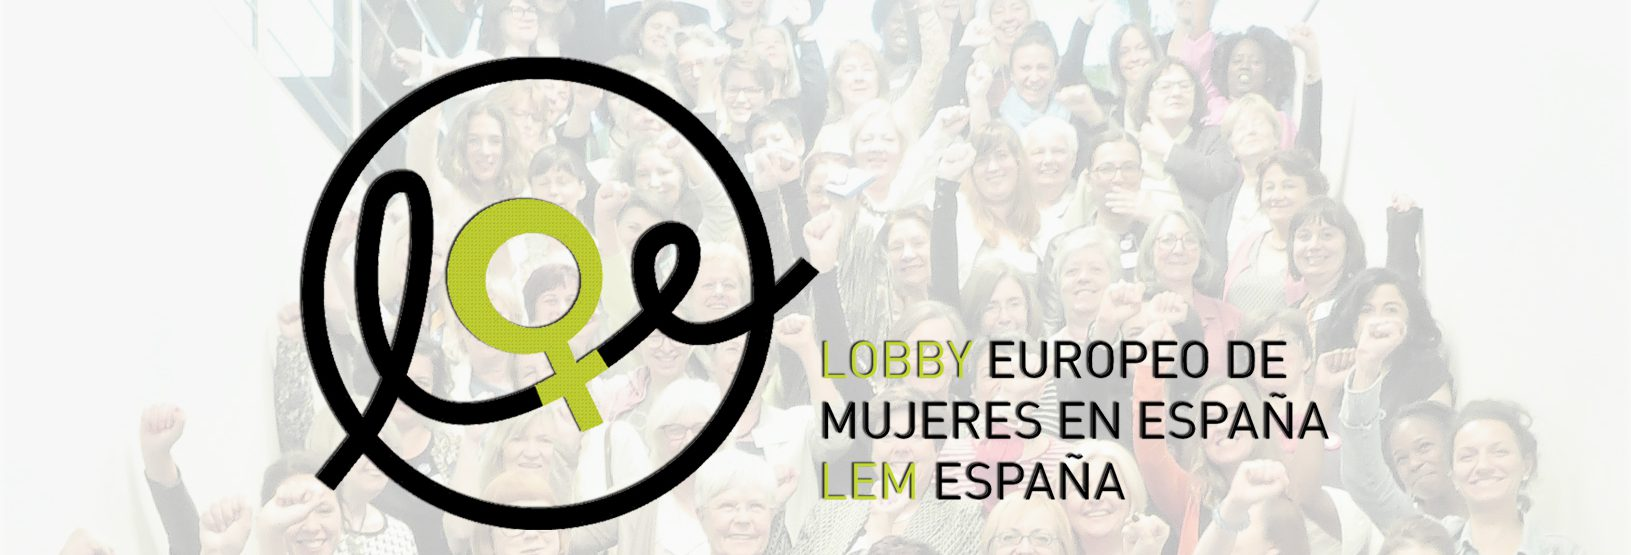 Lobby Europeo de Mujeres en España